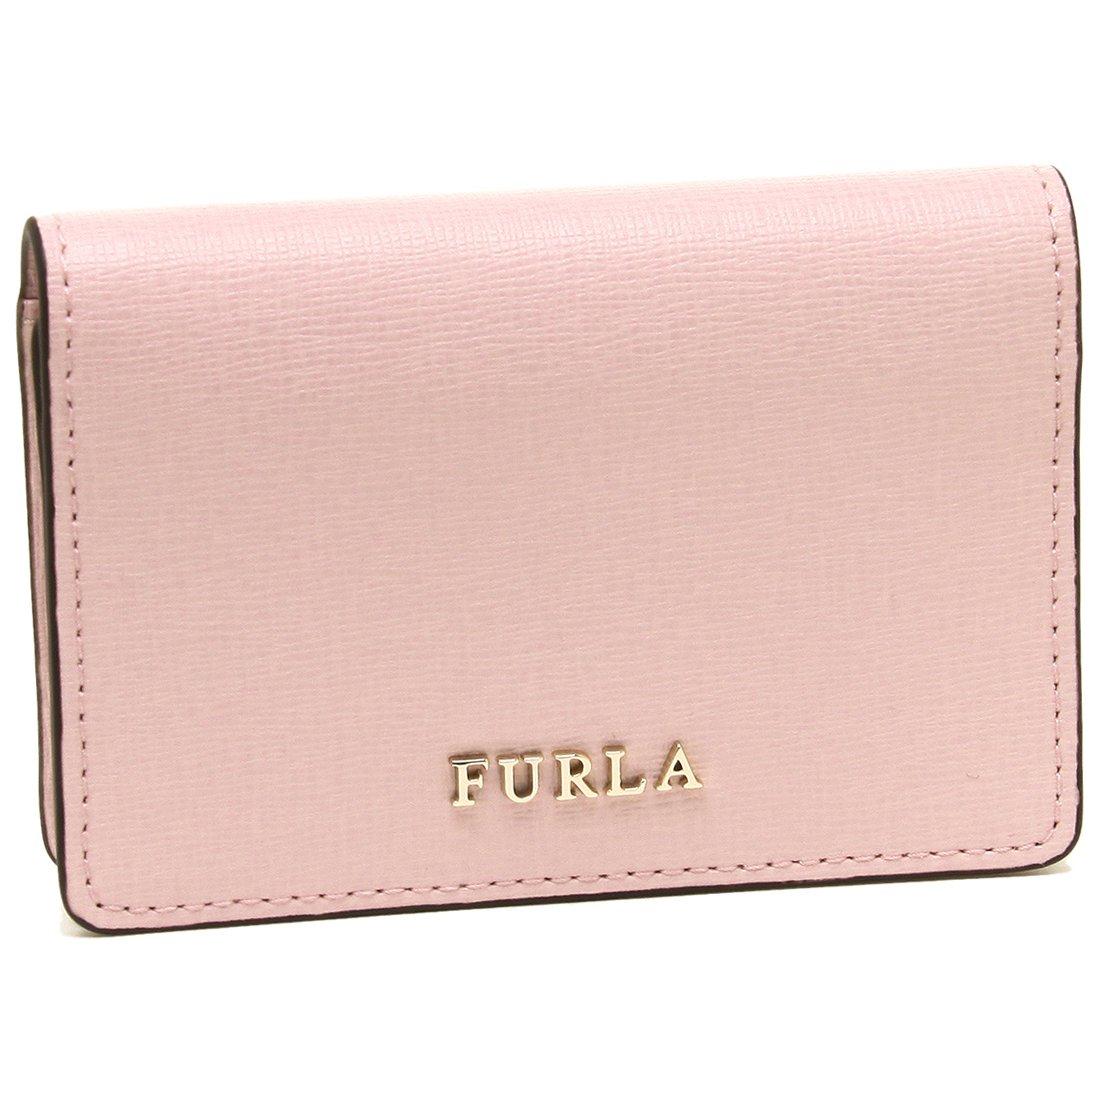 [フルラ] カードケース レディース FURLA 962149 PS04 B30 LC4 ピンク [並行輸入品]   B07DWNBFCP